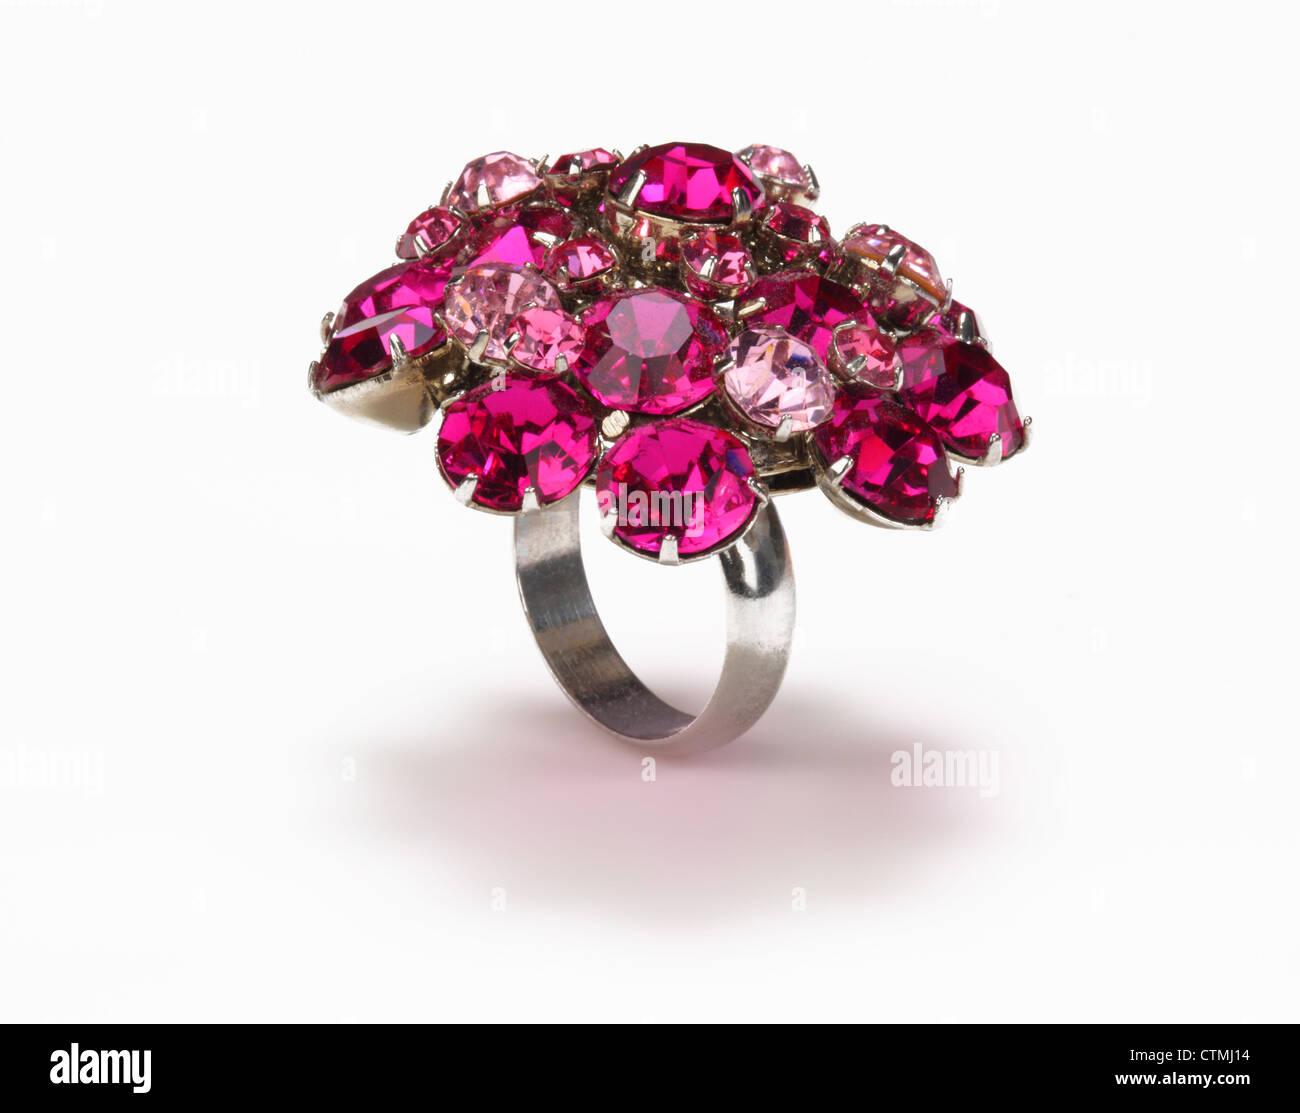 Les Bijoux de costume. Un anneau avec une grappe de pierres rouges et roses. Photo Stock